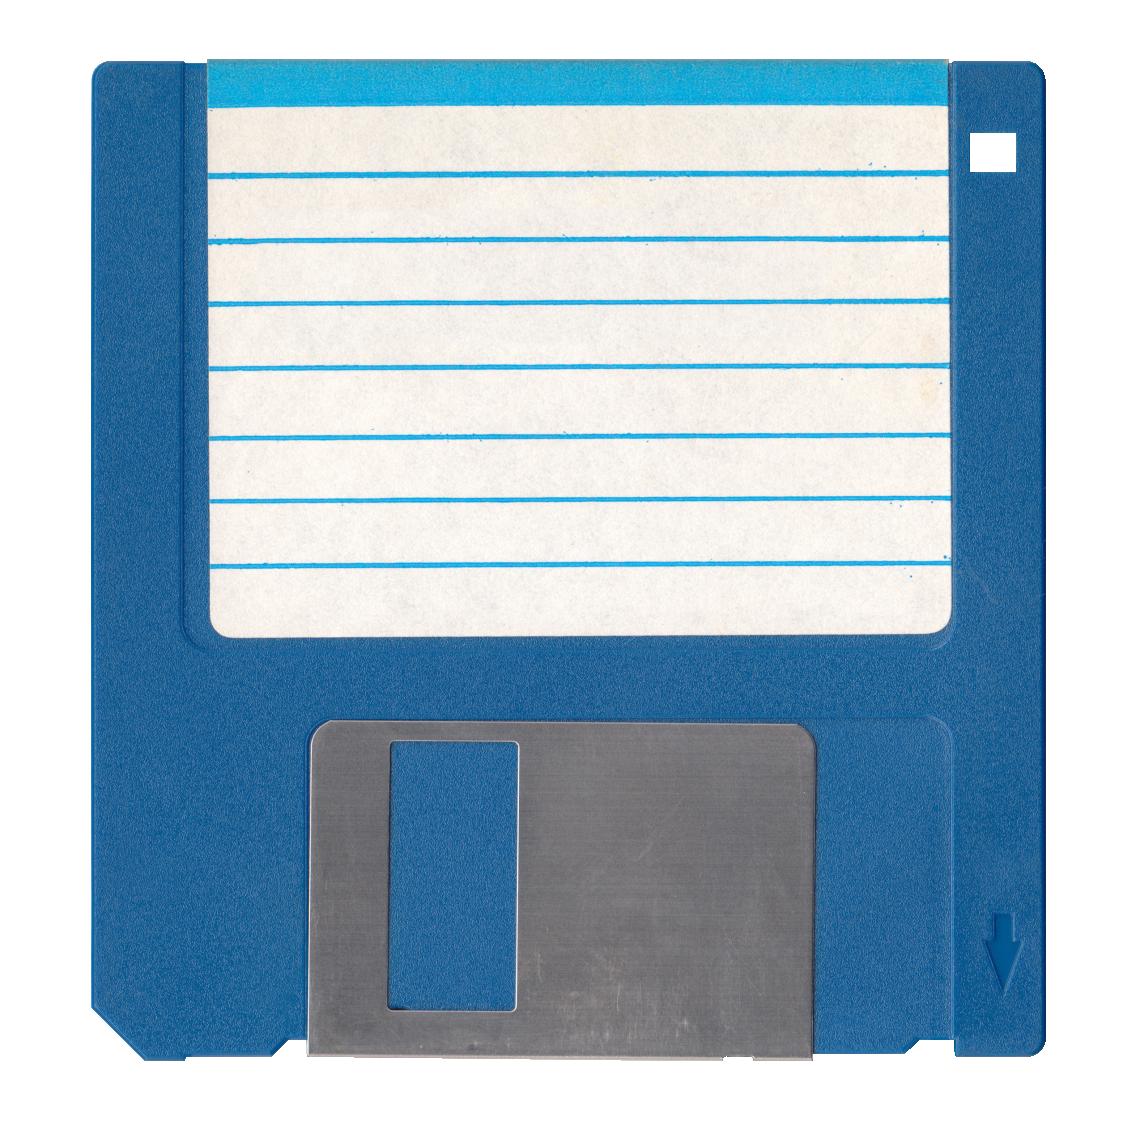 ComputerMisc0013